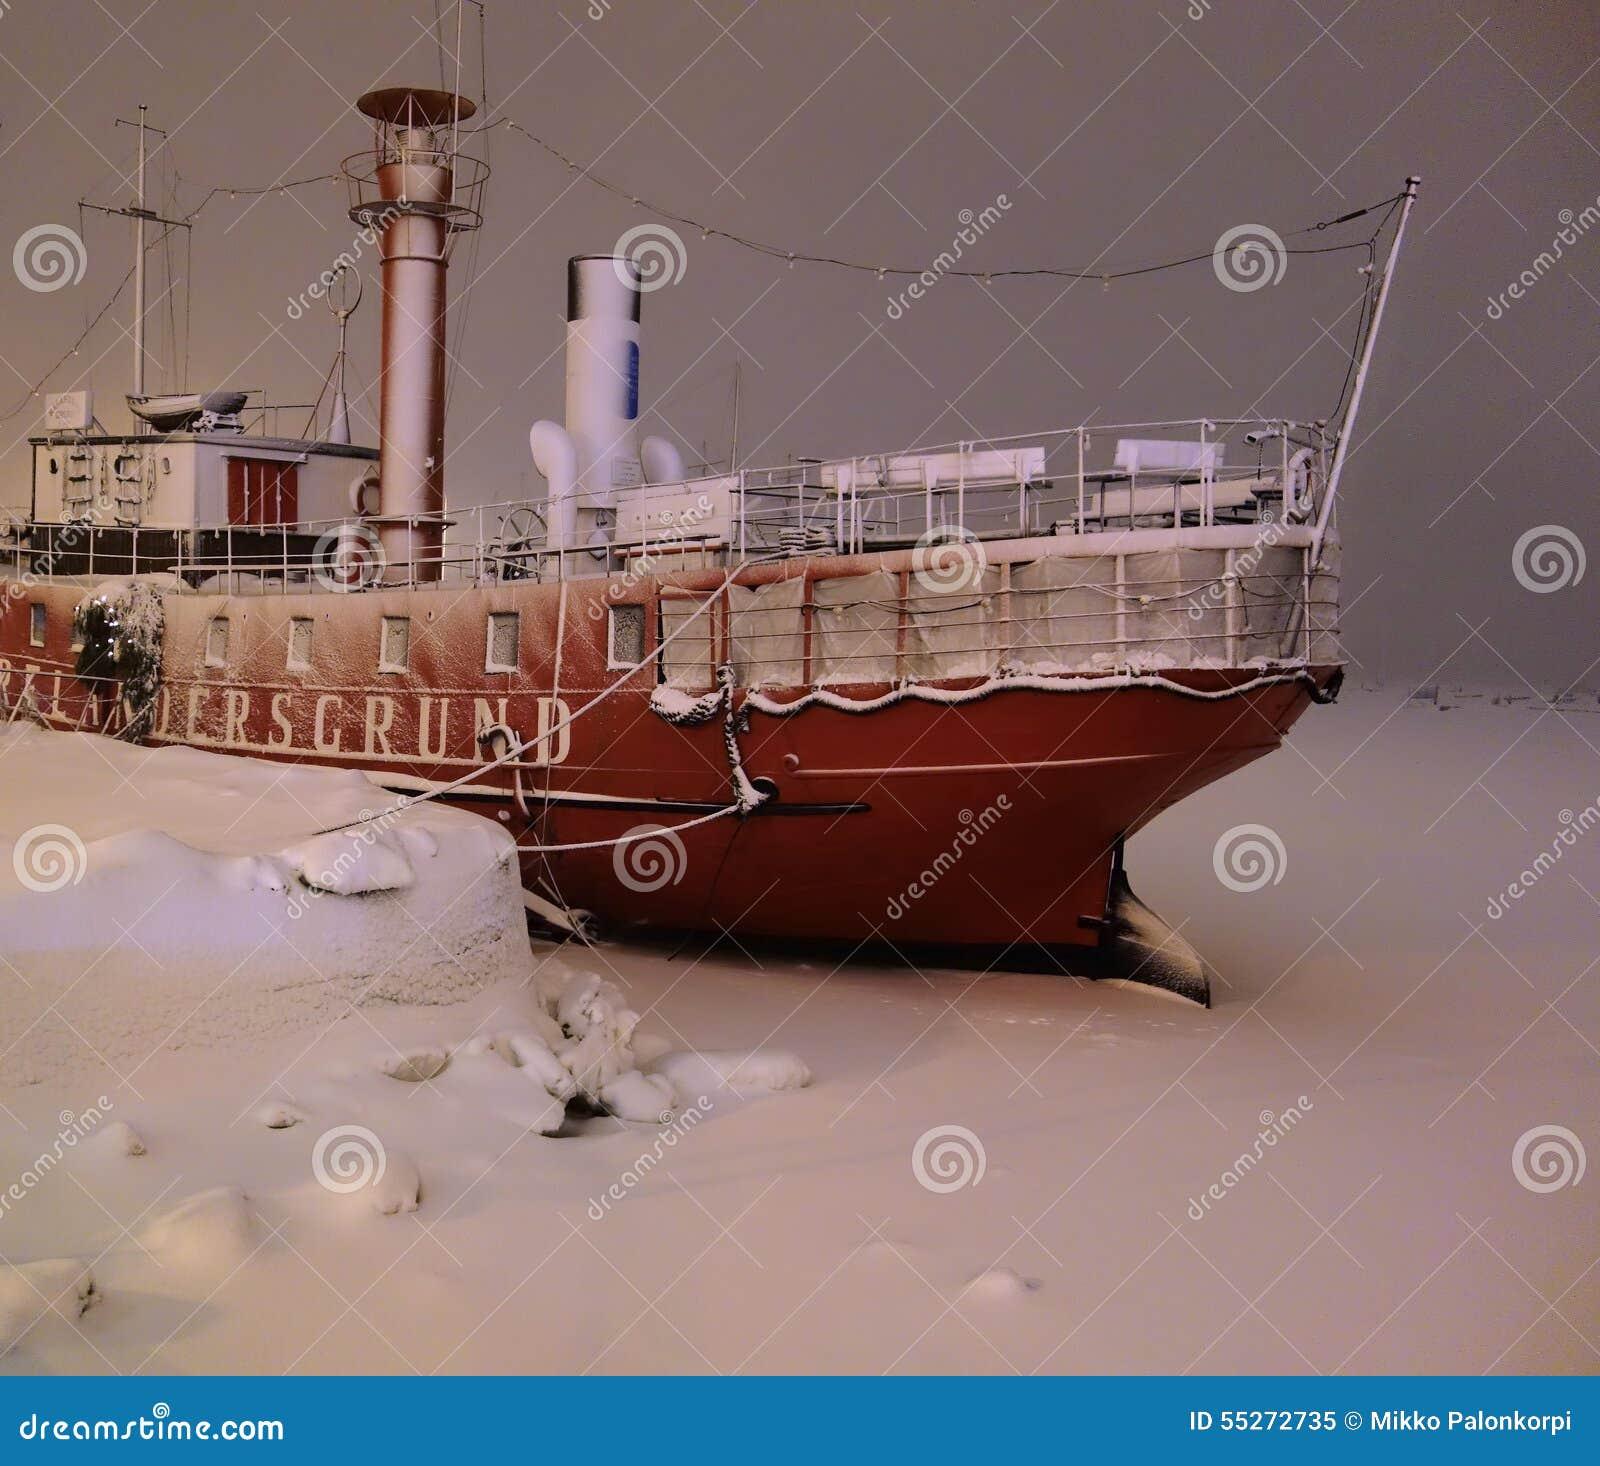 Feuerschiff Relandersgrund in einem Schneesturm in der Mitte von Helsinki, Finnland